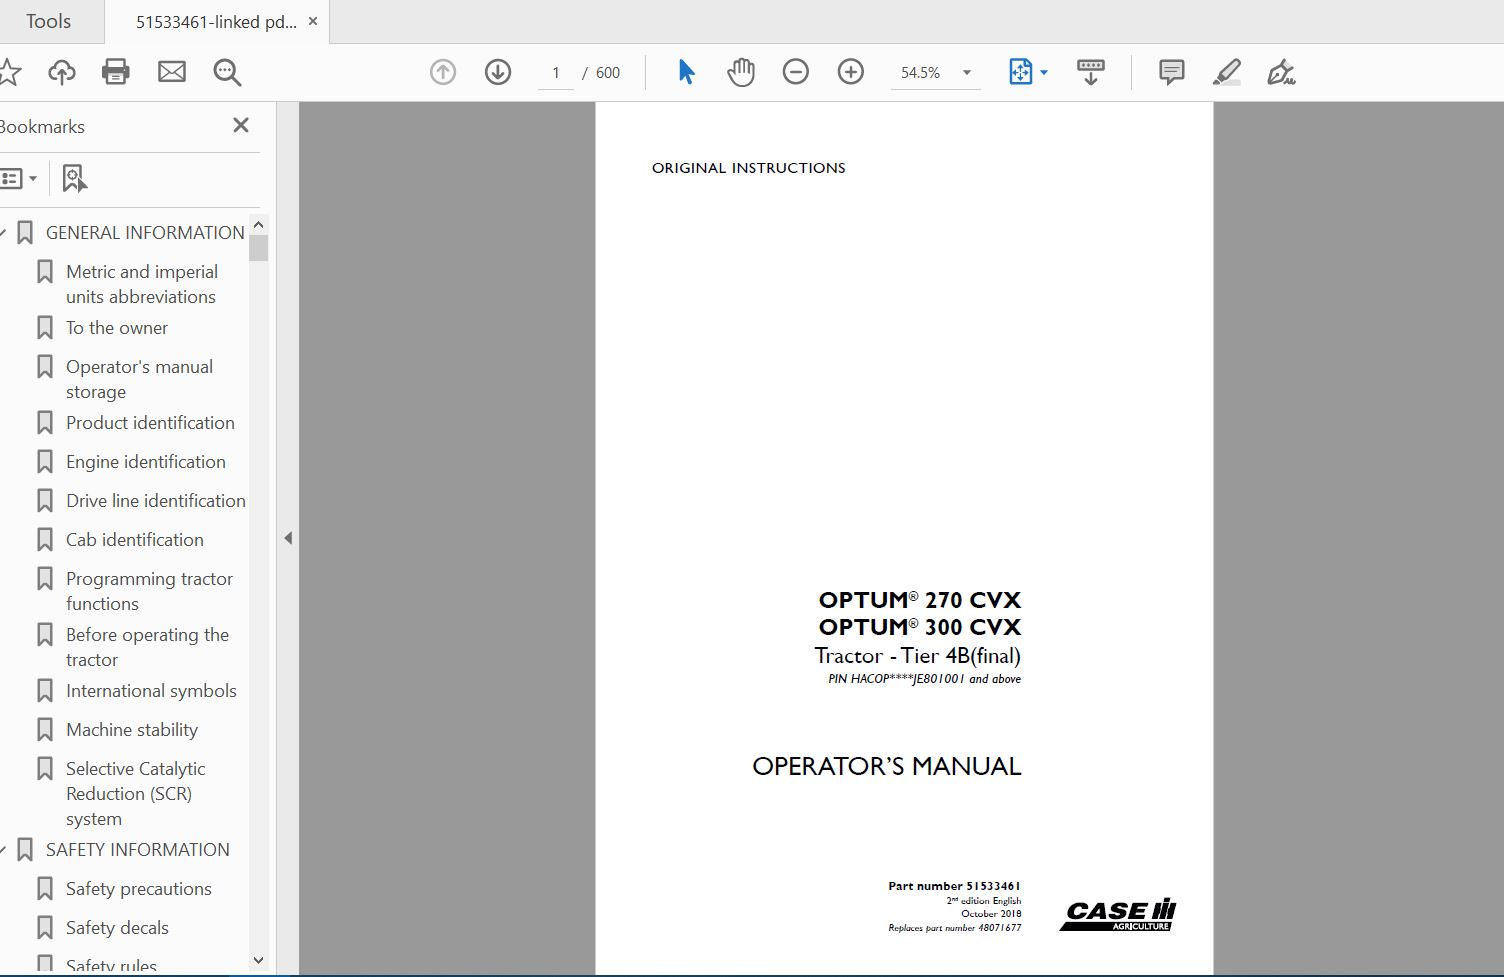 Case Ih Tractor Mccormick W4 Operator U0026 39 S Manual 1004211r2